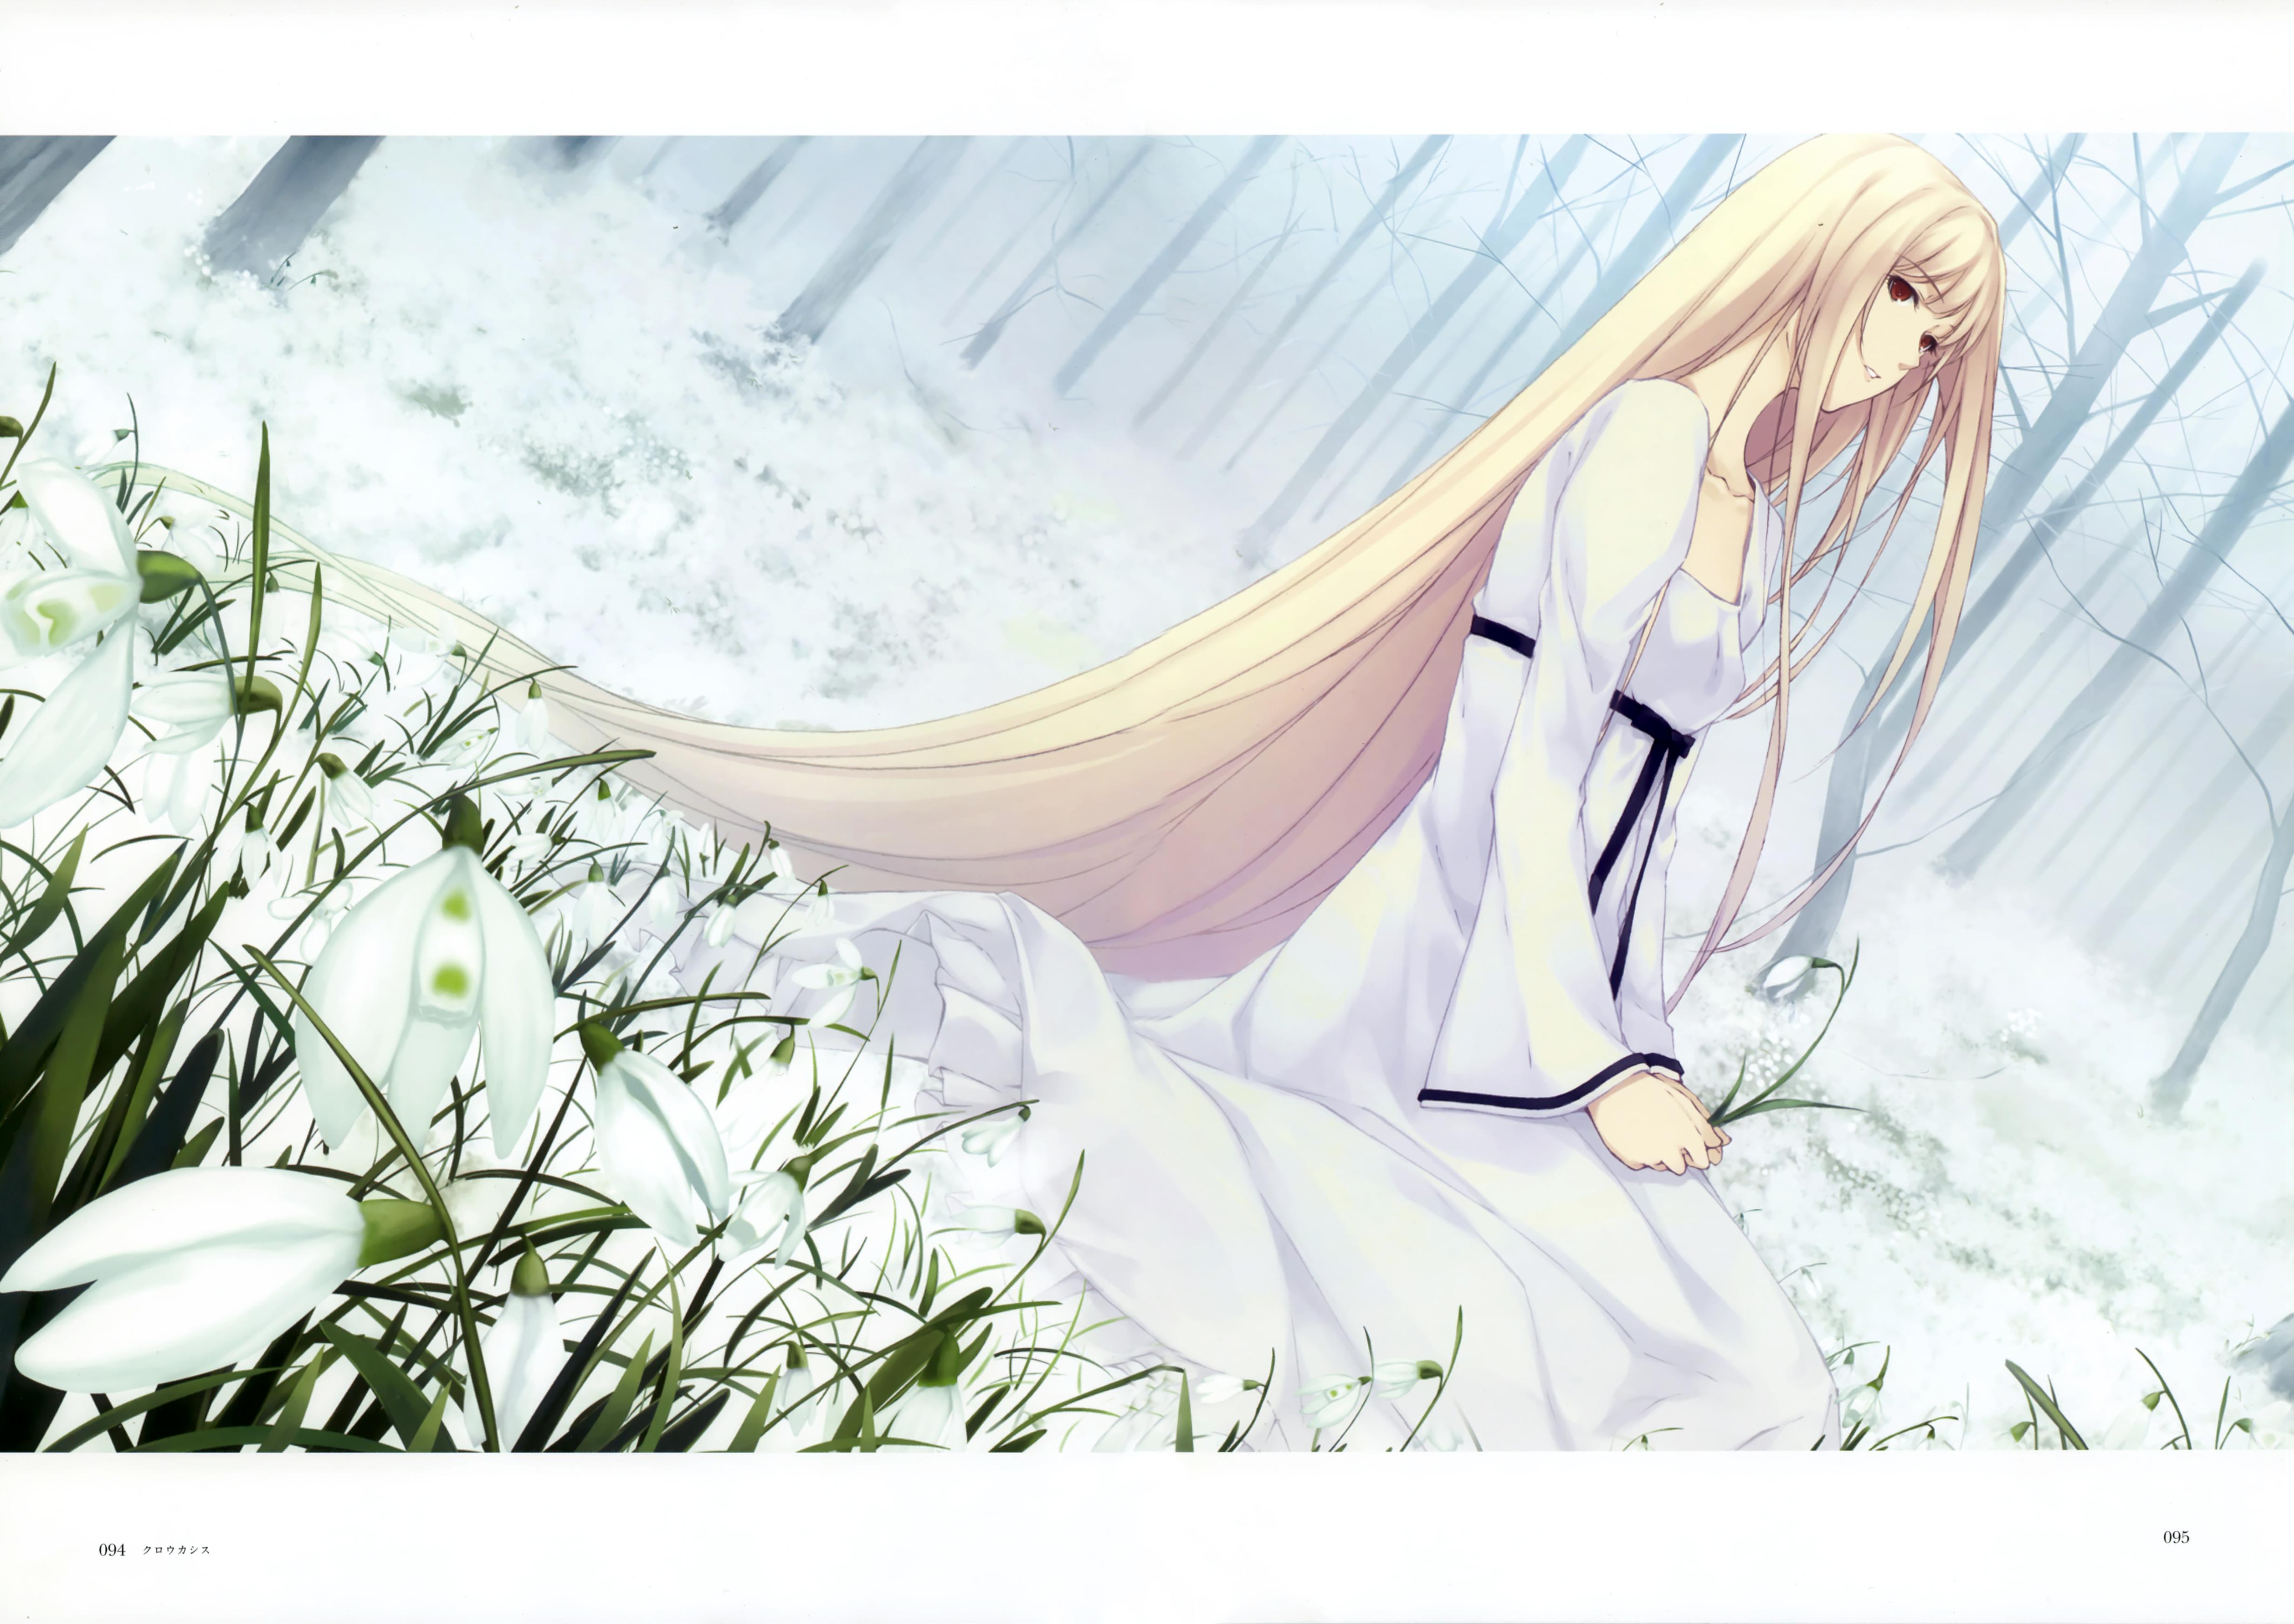 Обои и фото аниме девушки с белыми